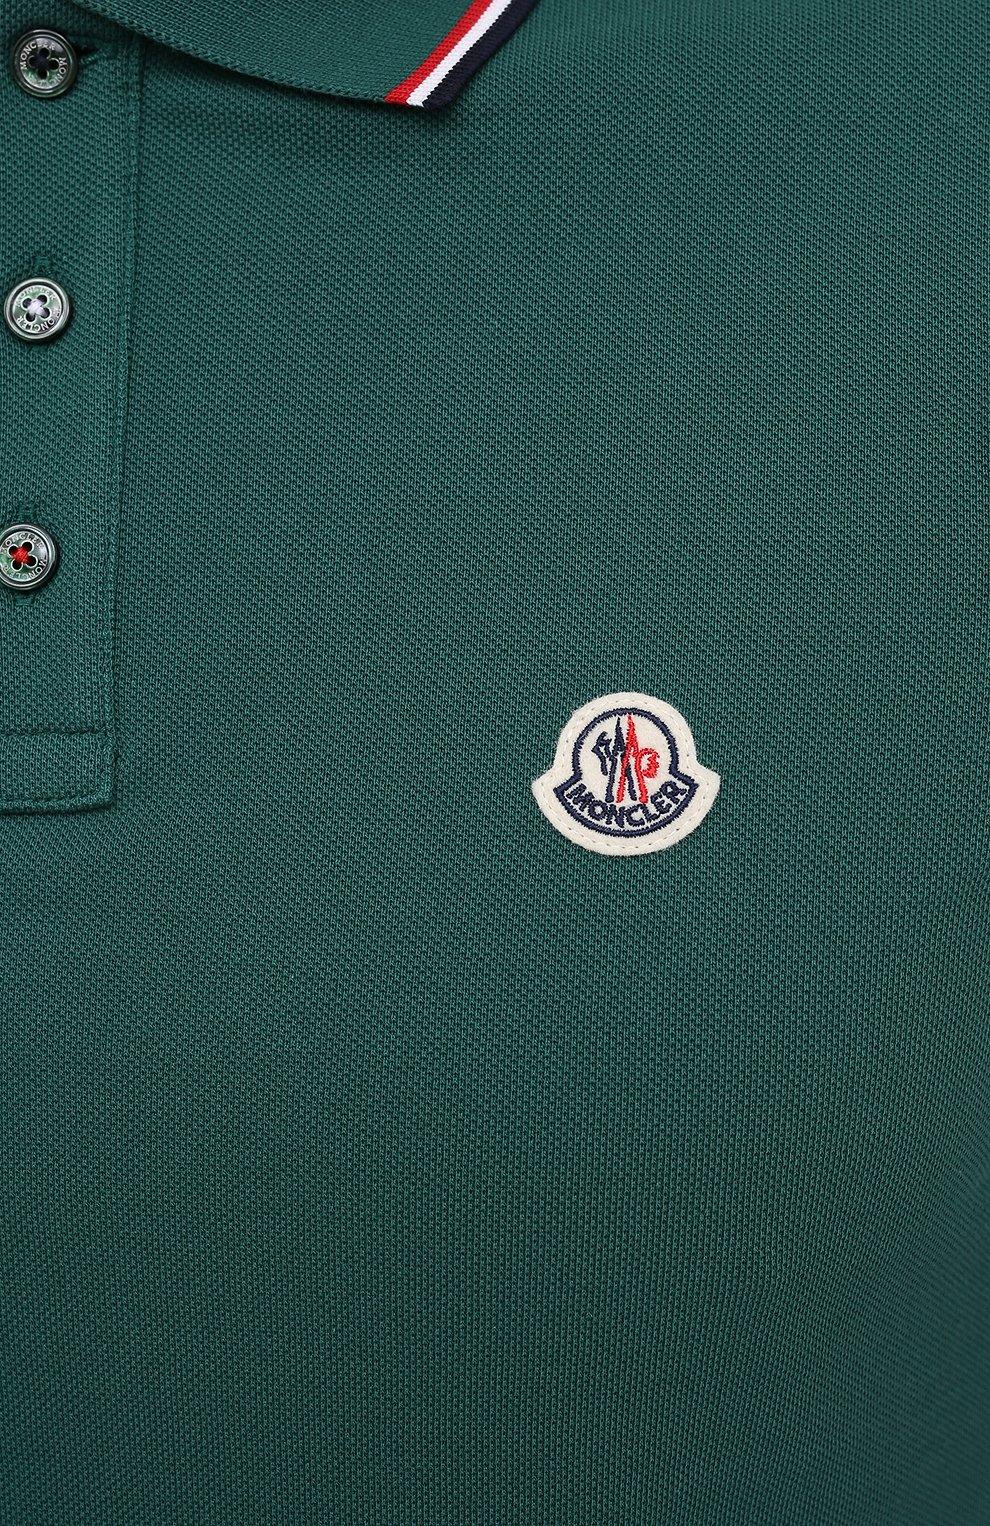 Мужское хлопковое поло MONCLER бирюзового цвета, арт. F2-091-8A703-00-84556   Фото 5 (Застежка: Пуговицы; Рукава: Короткие; Длина (для топов): Стандартные; Материал внешний: Хлопок; Стили: Спорт-шик)